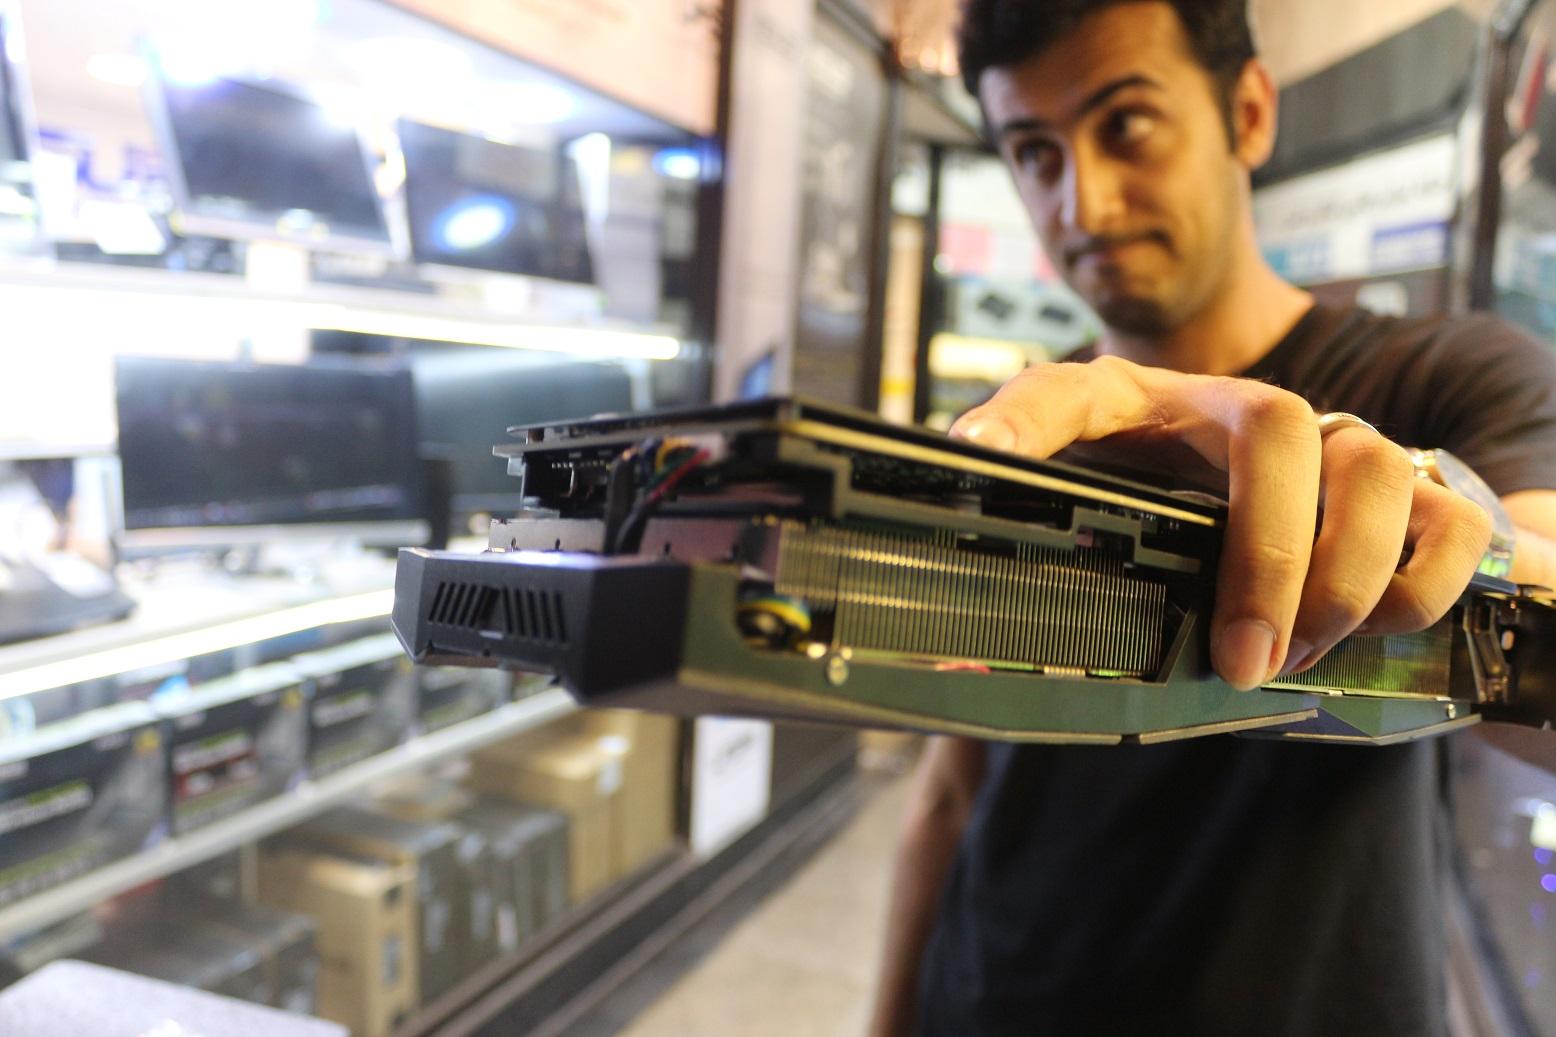 نخستین GTX 1080TI در ایران توسط ایسوس رونمایی شد